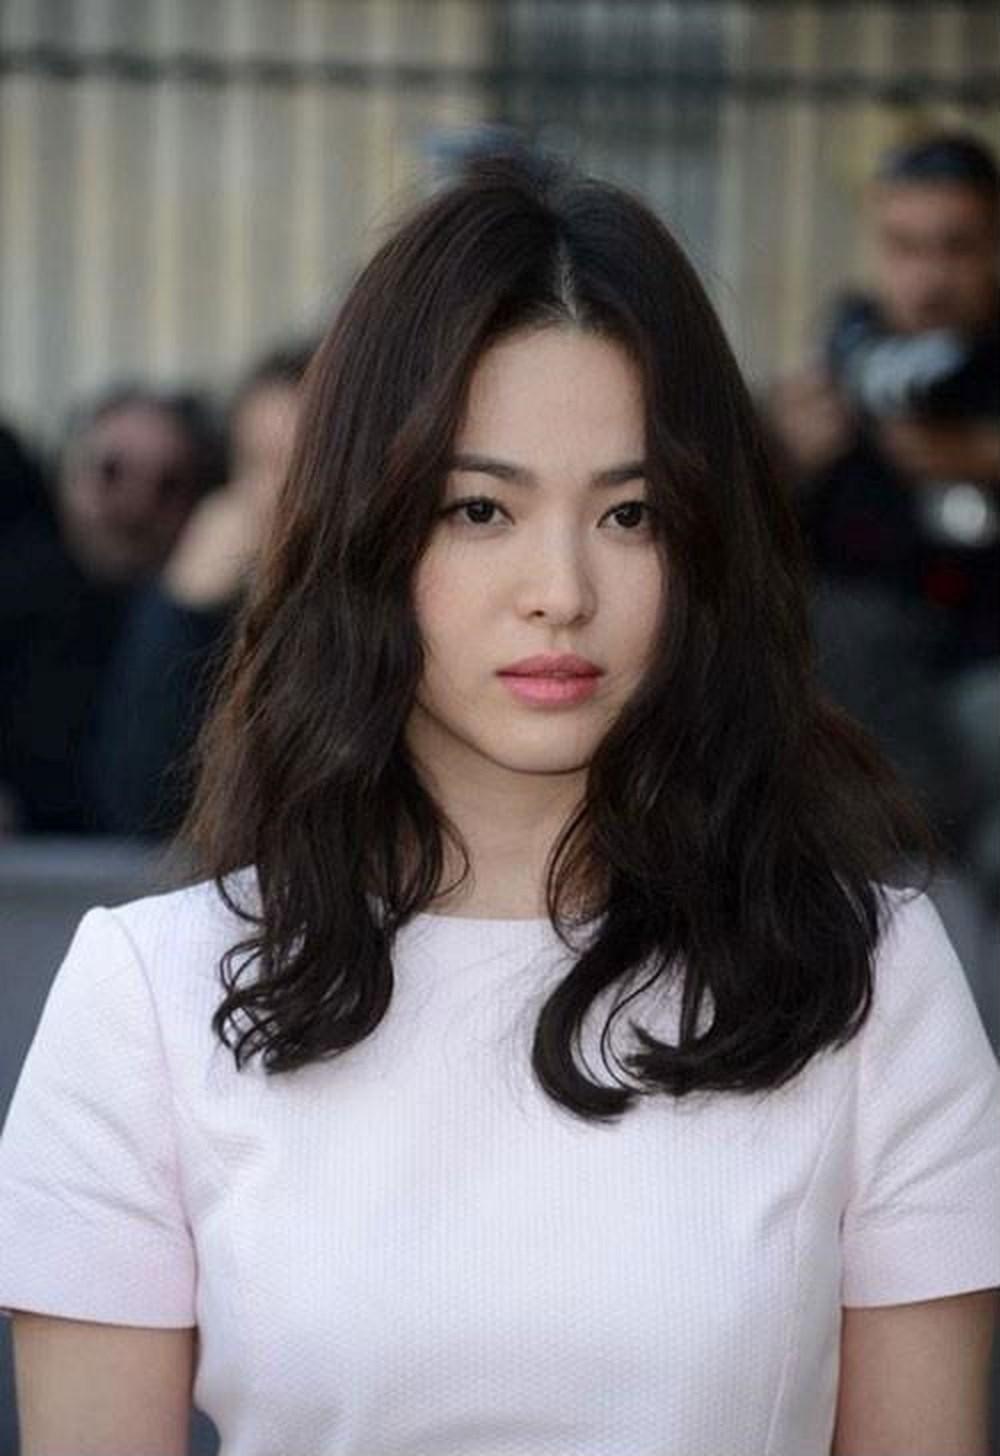 3 kiểu tóc mái giúp thay đổi hoàn toàn diện mạo, phụ nữ U40 cắt là trẻ ra cả chục tuổi trong tích tắc - Ảnh 12